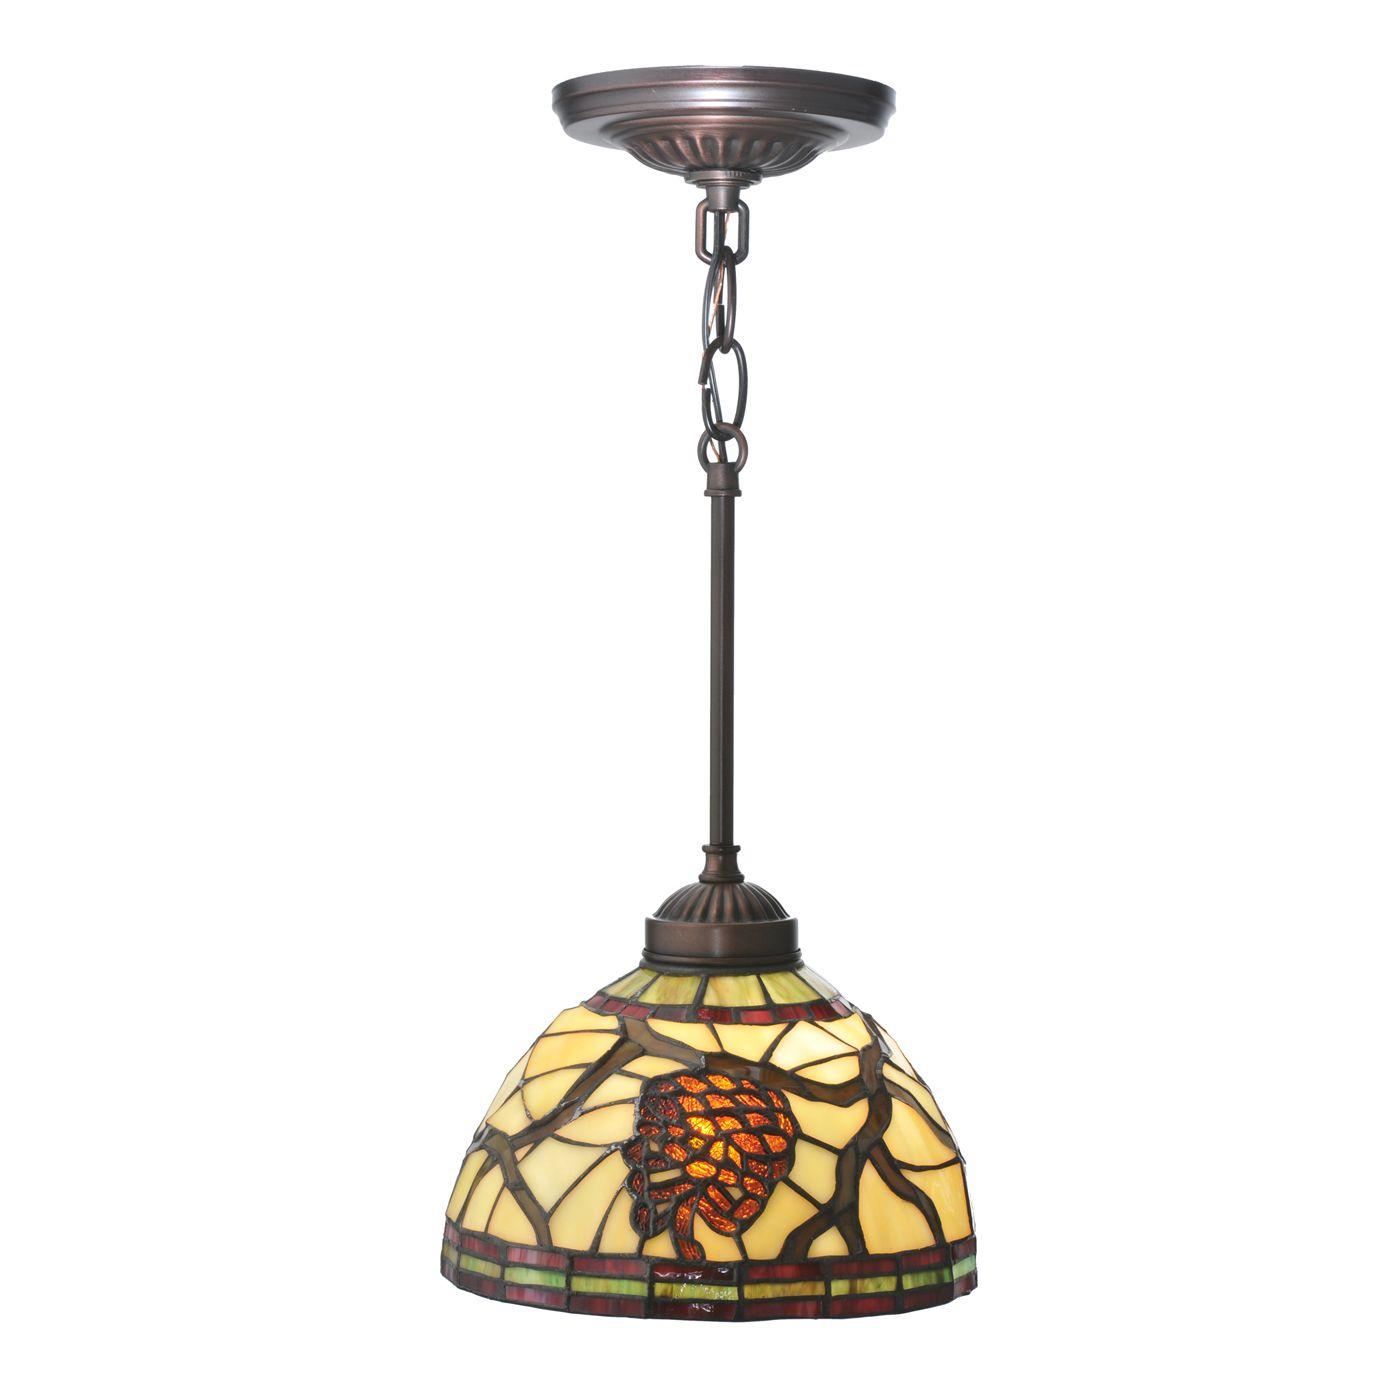 Meyda Tiffany 106290 Pinecone Dome Mini Pendant